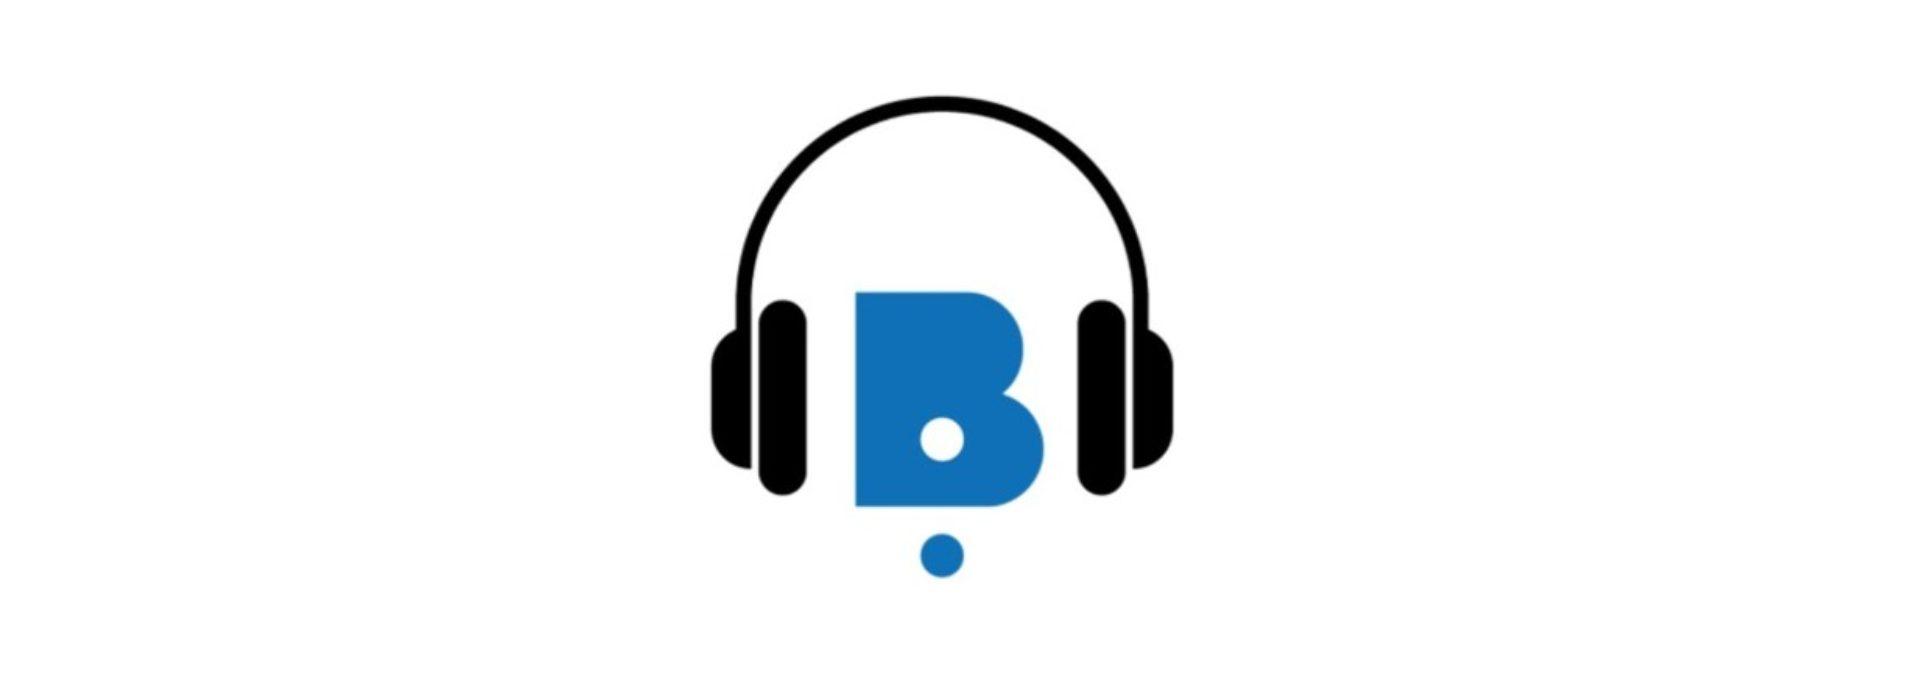 Logo de l'application est constitué de la lettre B entourée d'un casque audio.